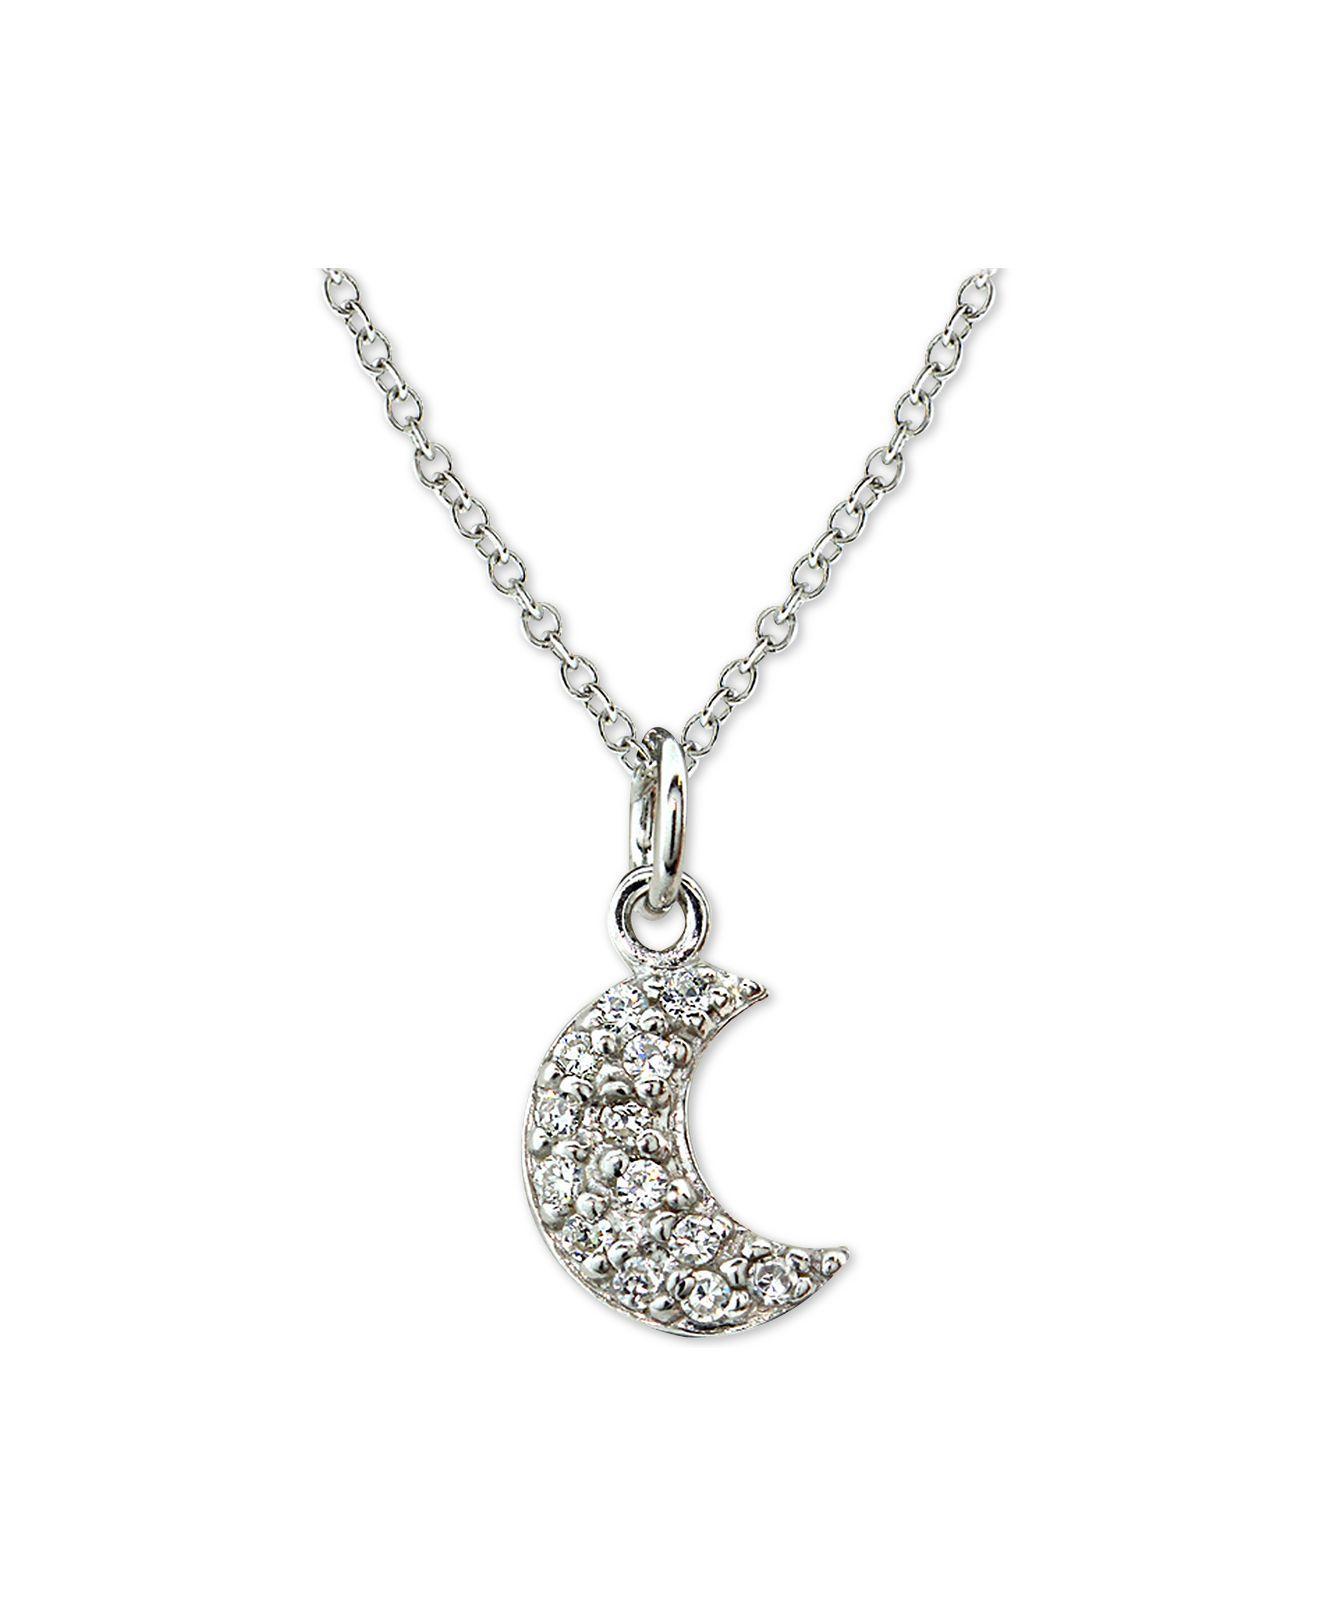 Macy S Cubic Zirconia Crescent Moon Pendant Necklace In